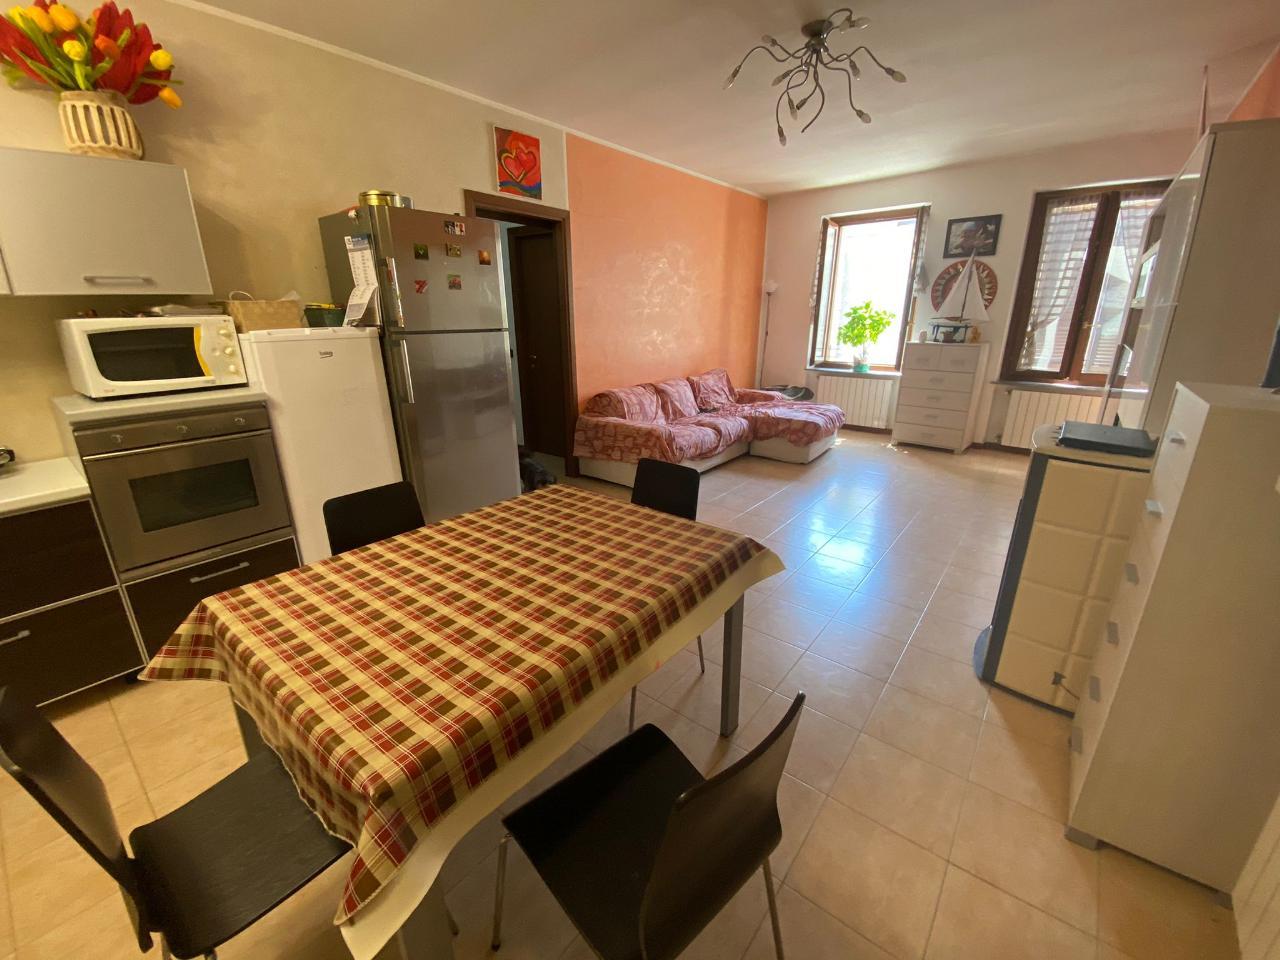 Appartamento PIEVE SAN GIACOMO Euro 79.000,00